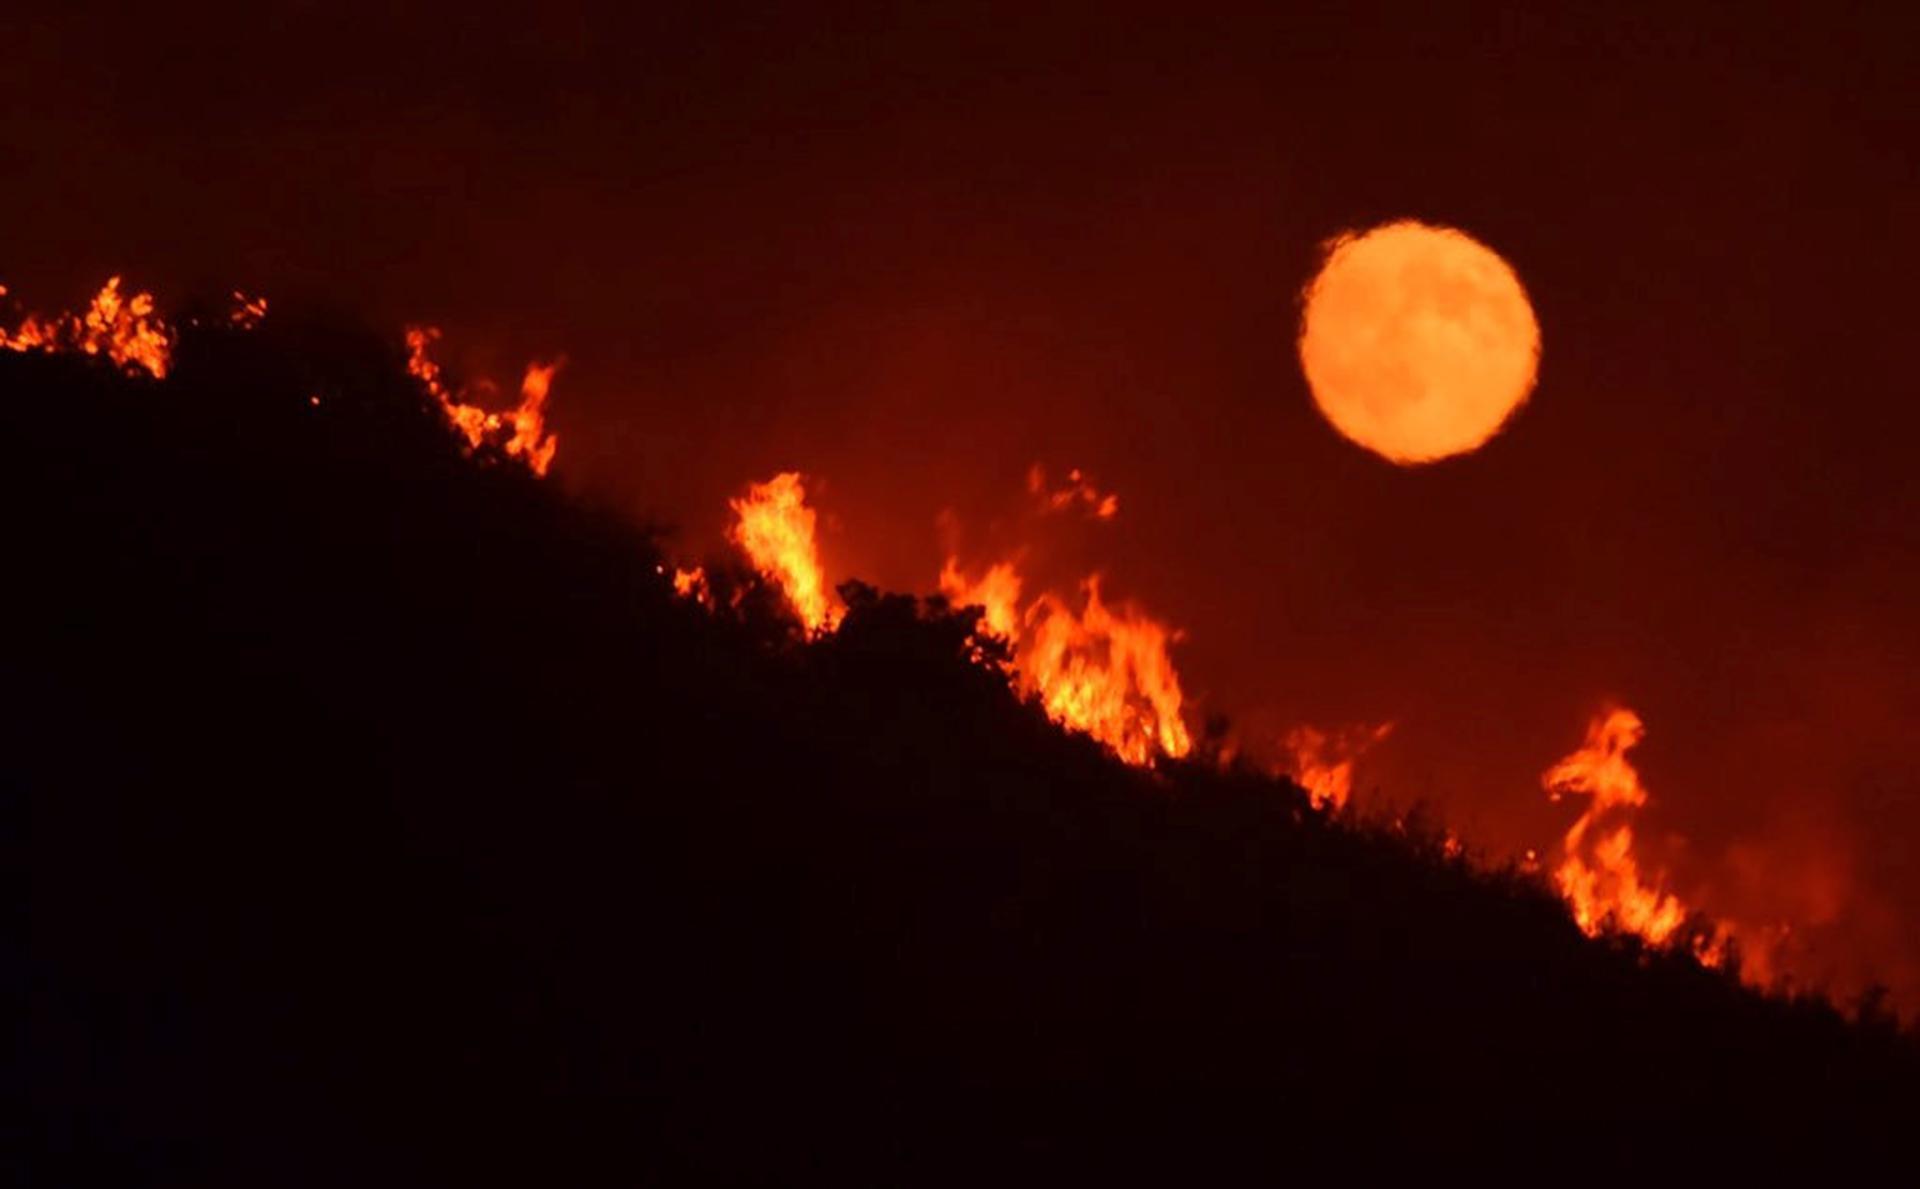 Unos 90.000 clientes se quedaron sin electricidad el sábado por la noche después de que el Departamento de Aguas y Electricidad cerrase una central eléctrica que se había incendiado en el valle de San Fernando